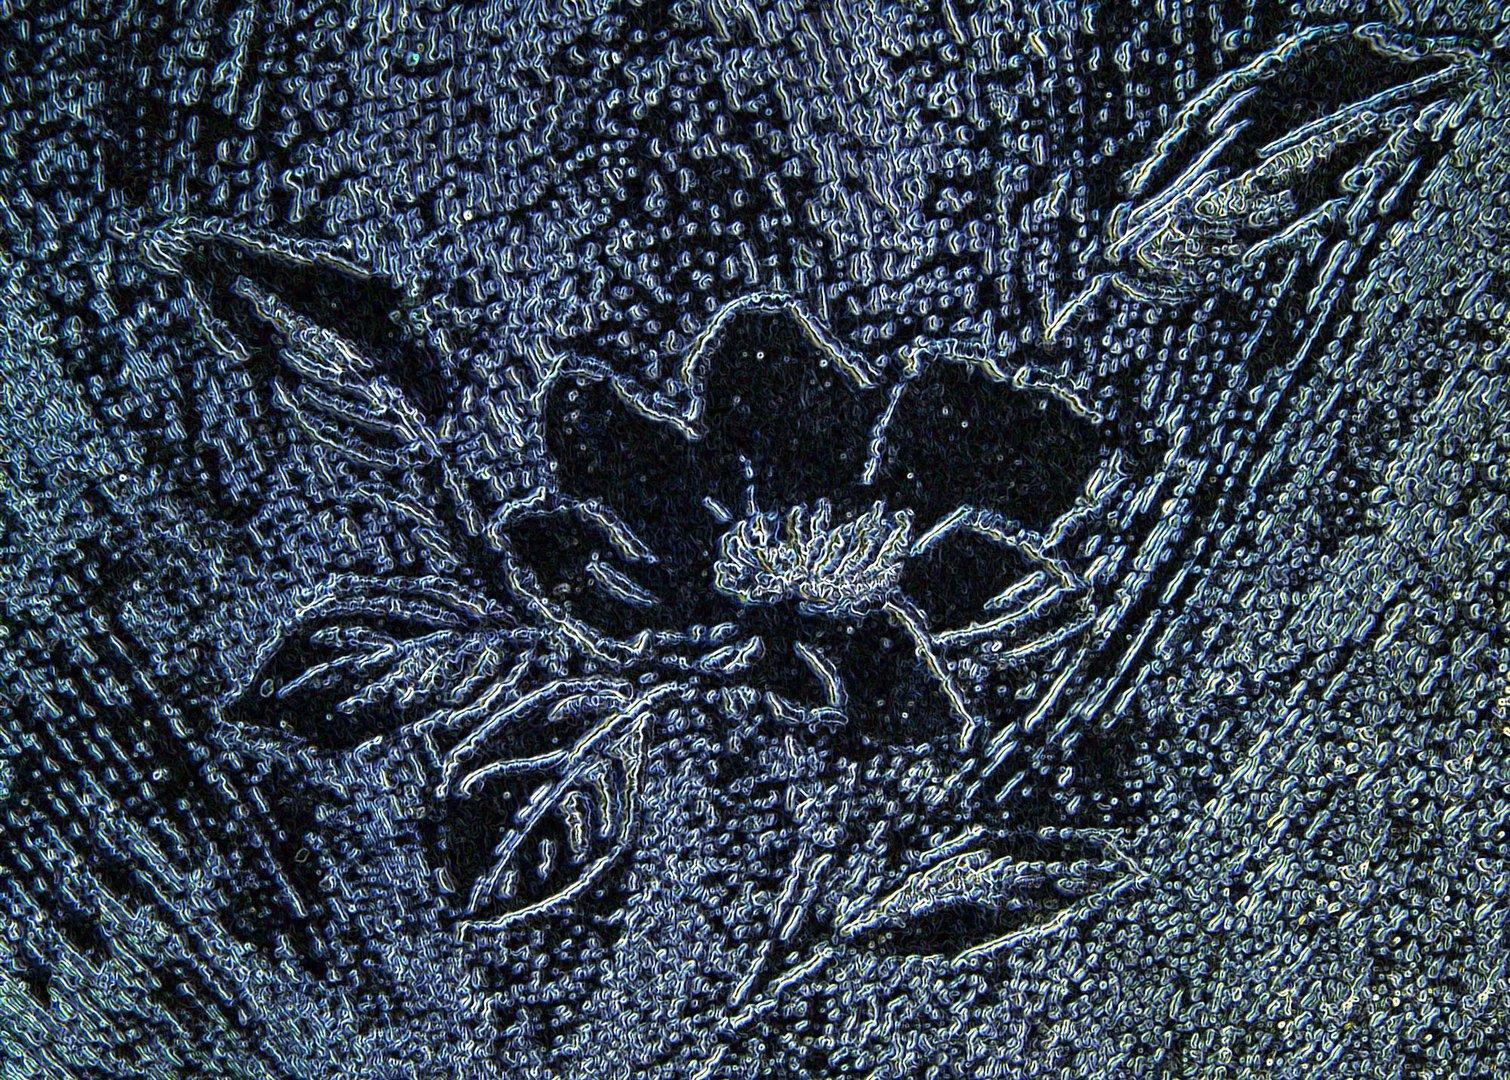 Blumendekor digital